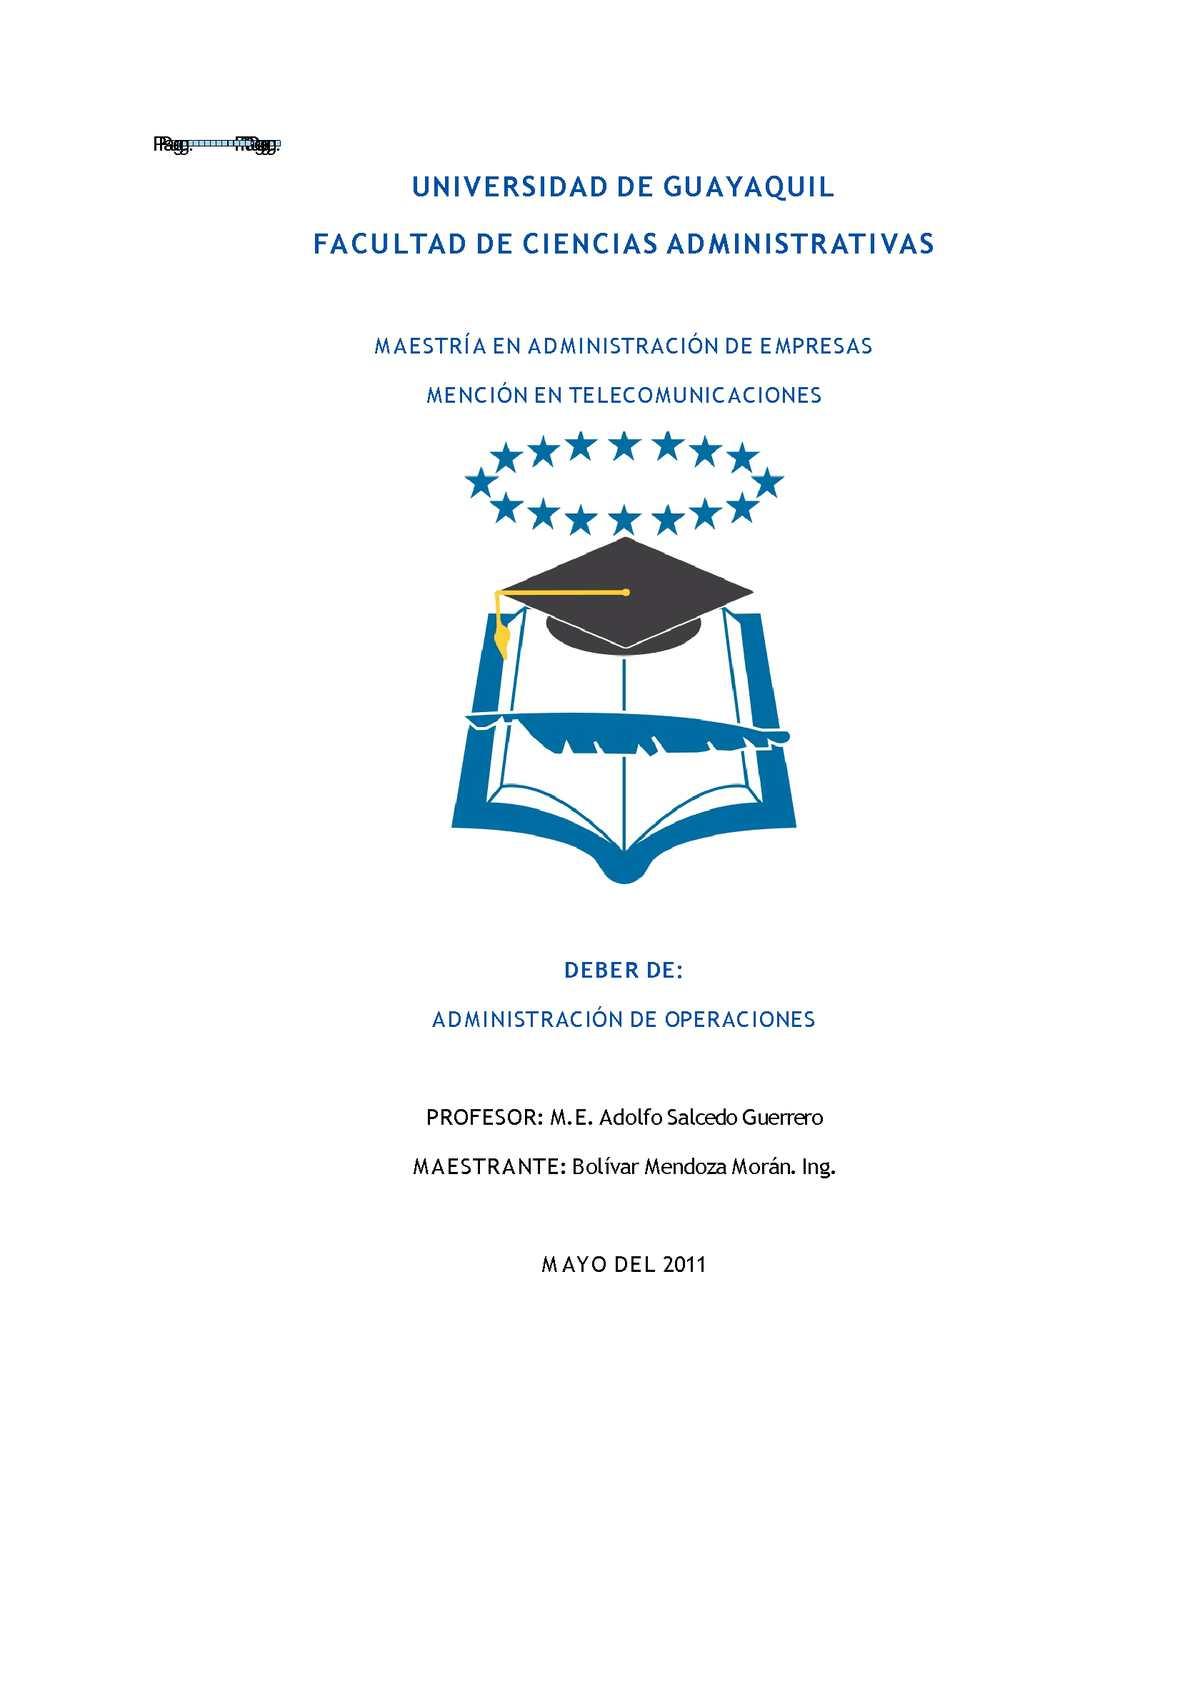 DEBER ADMINISTRACIÓN DE OPERACIONES SEP 2011---2